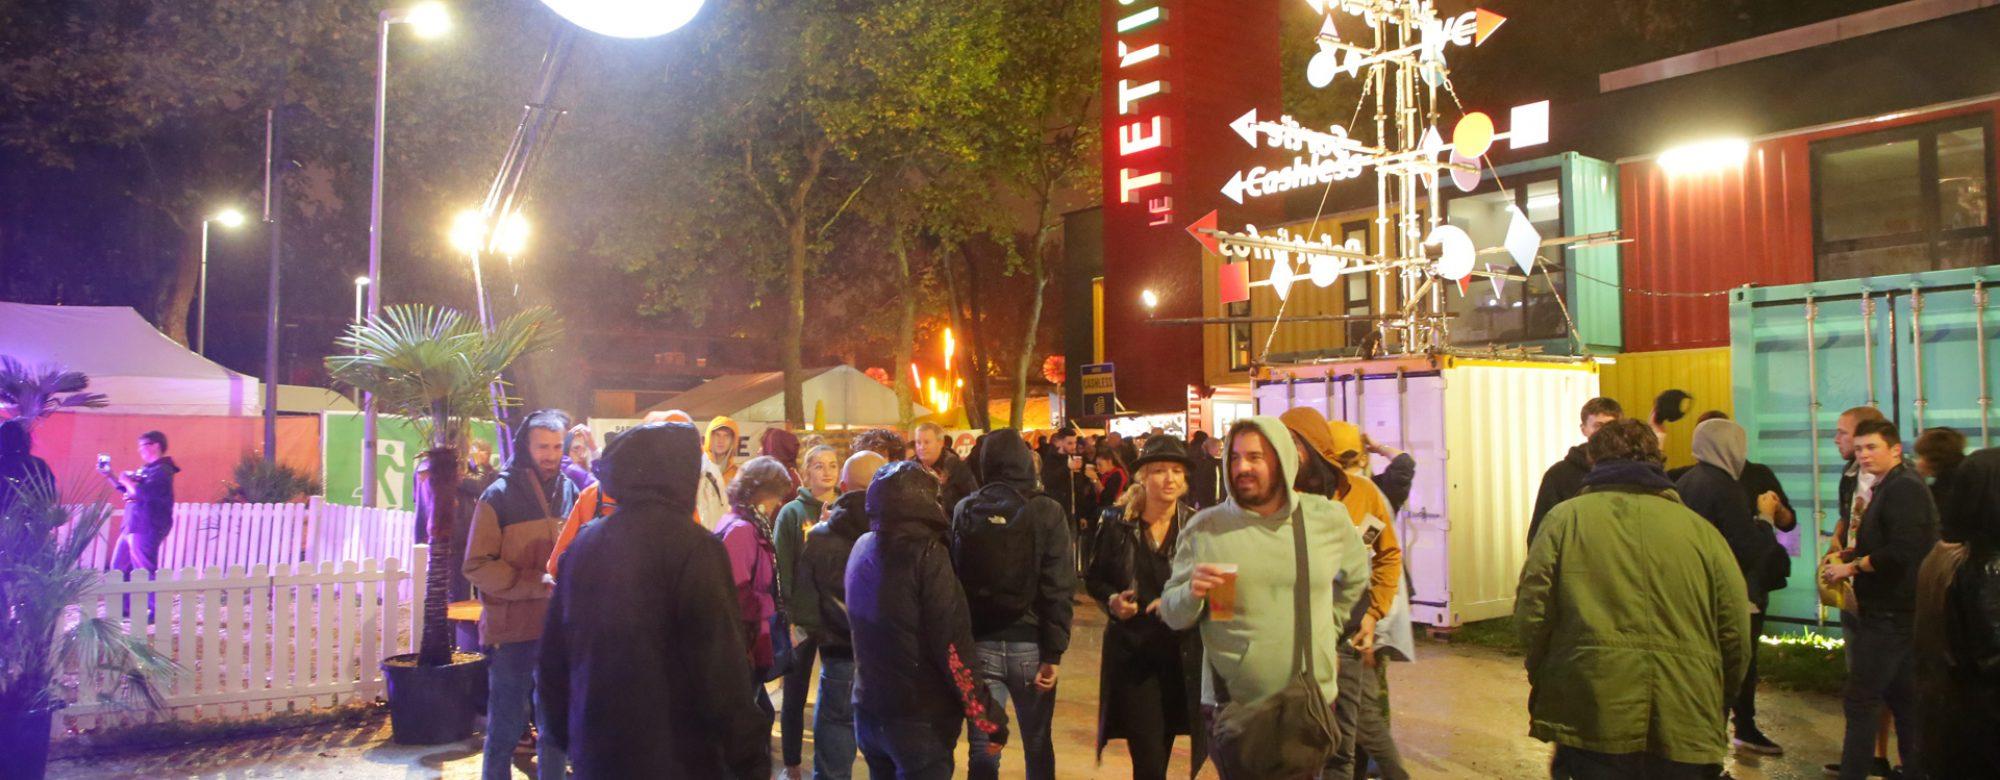 Entrée du Ouest Park Festival, des personnes sont regroupées devant le Tetris